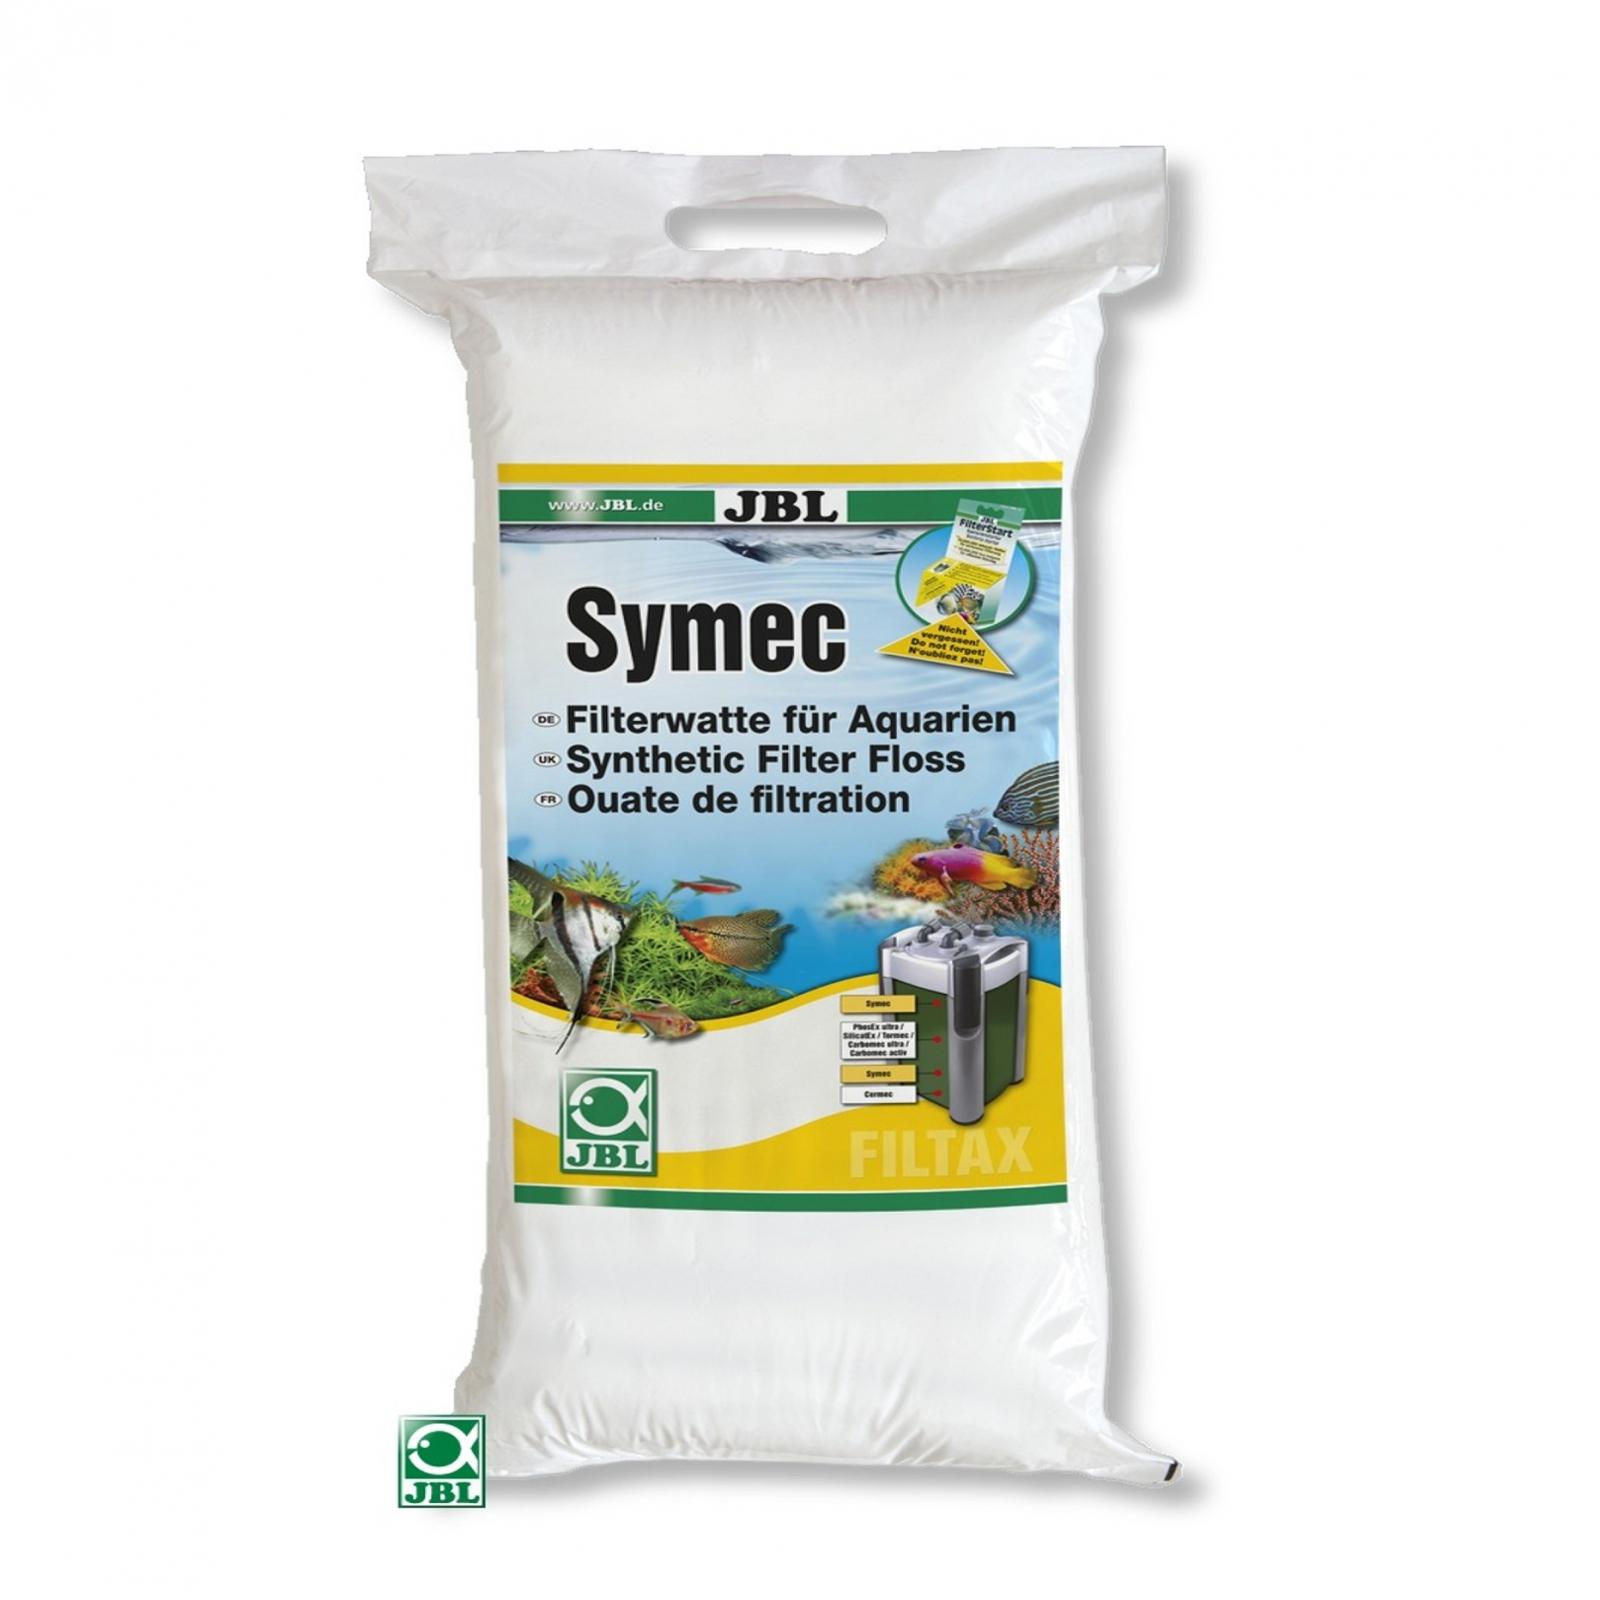 symec250